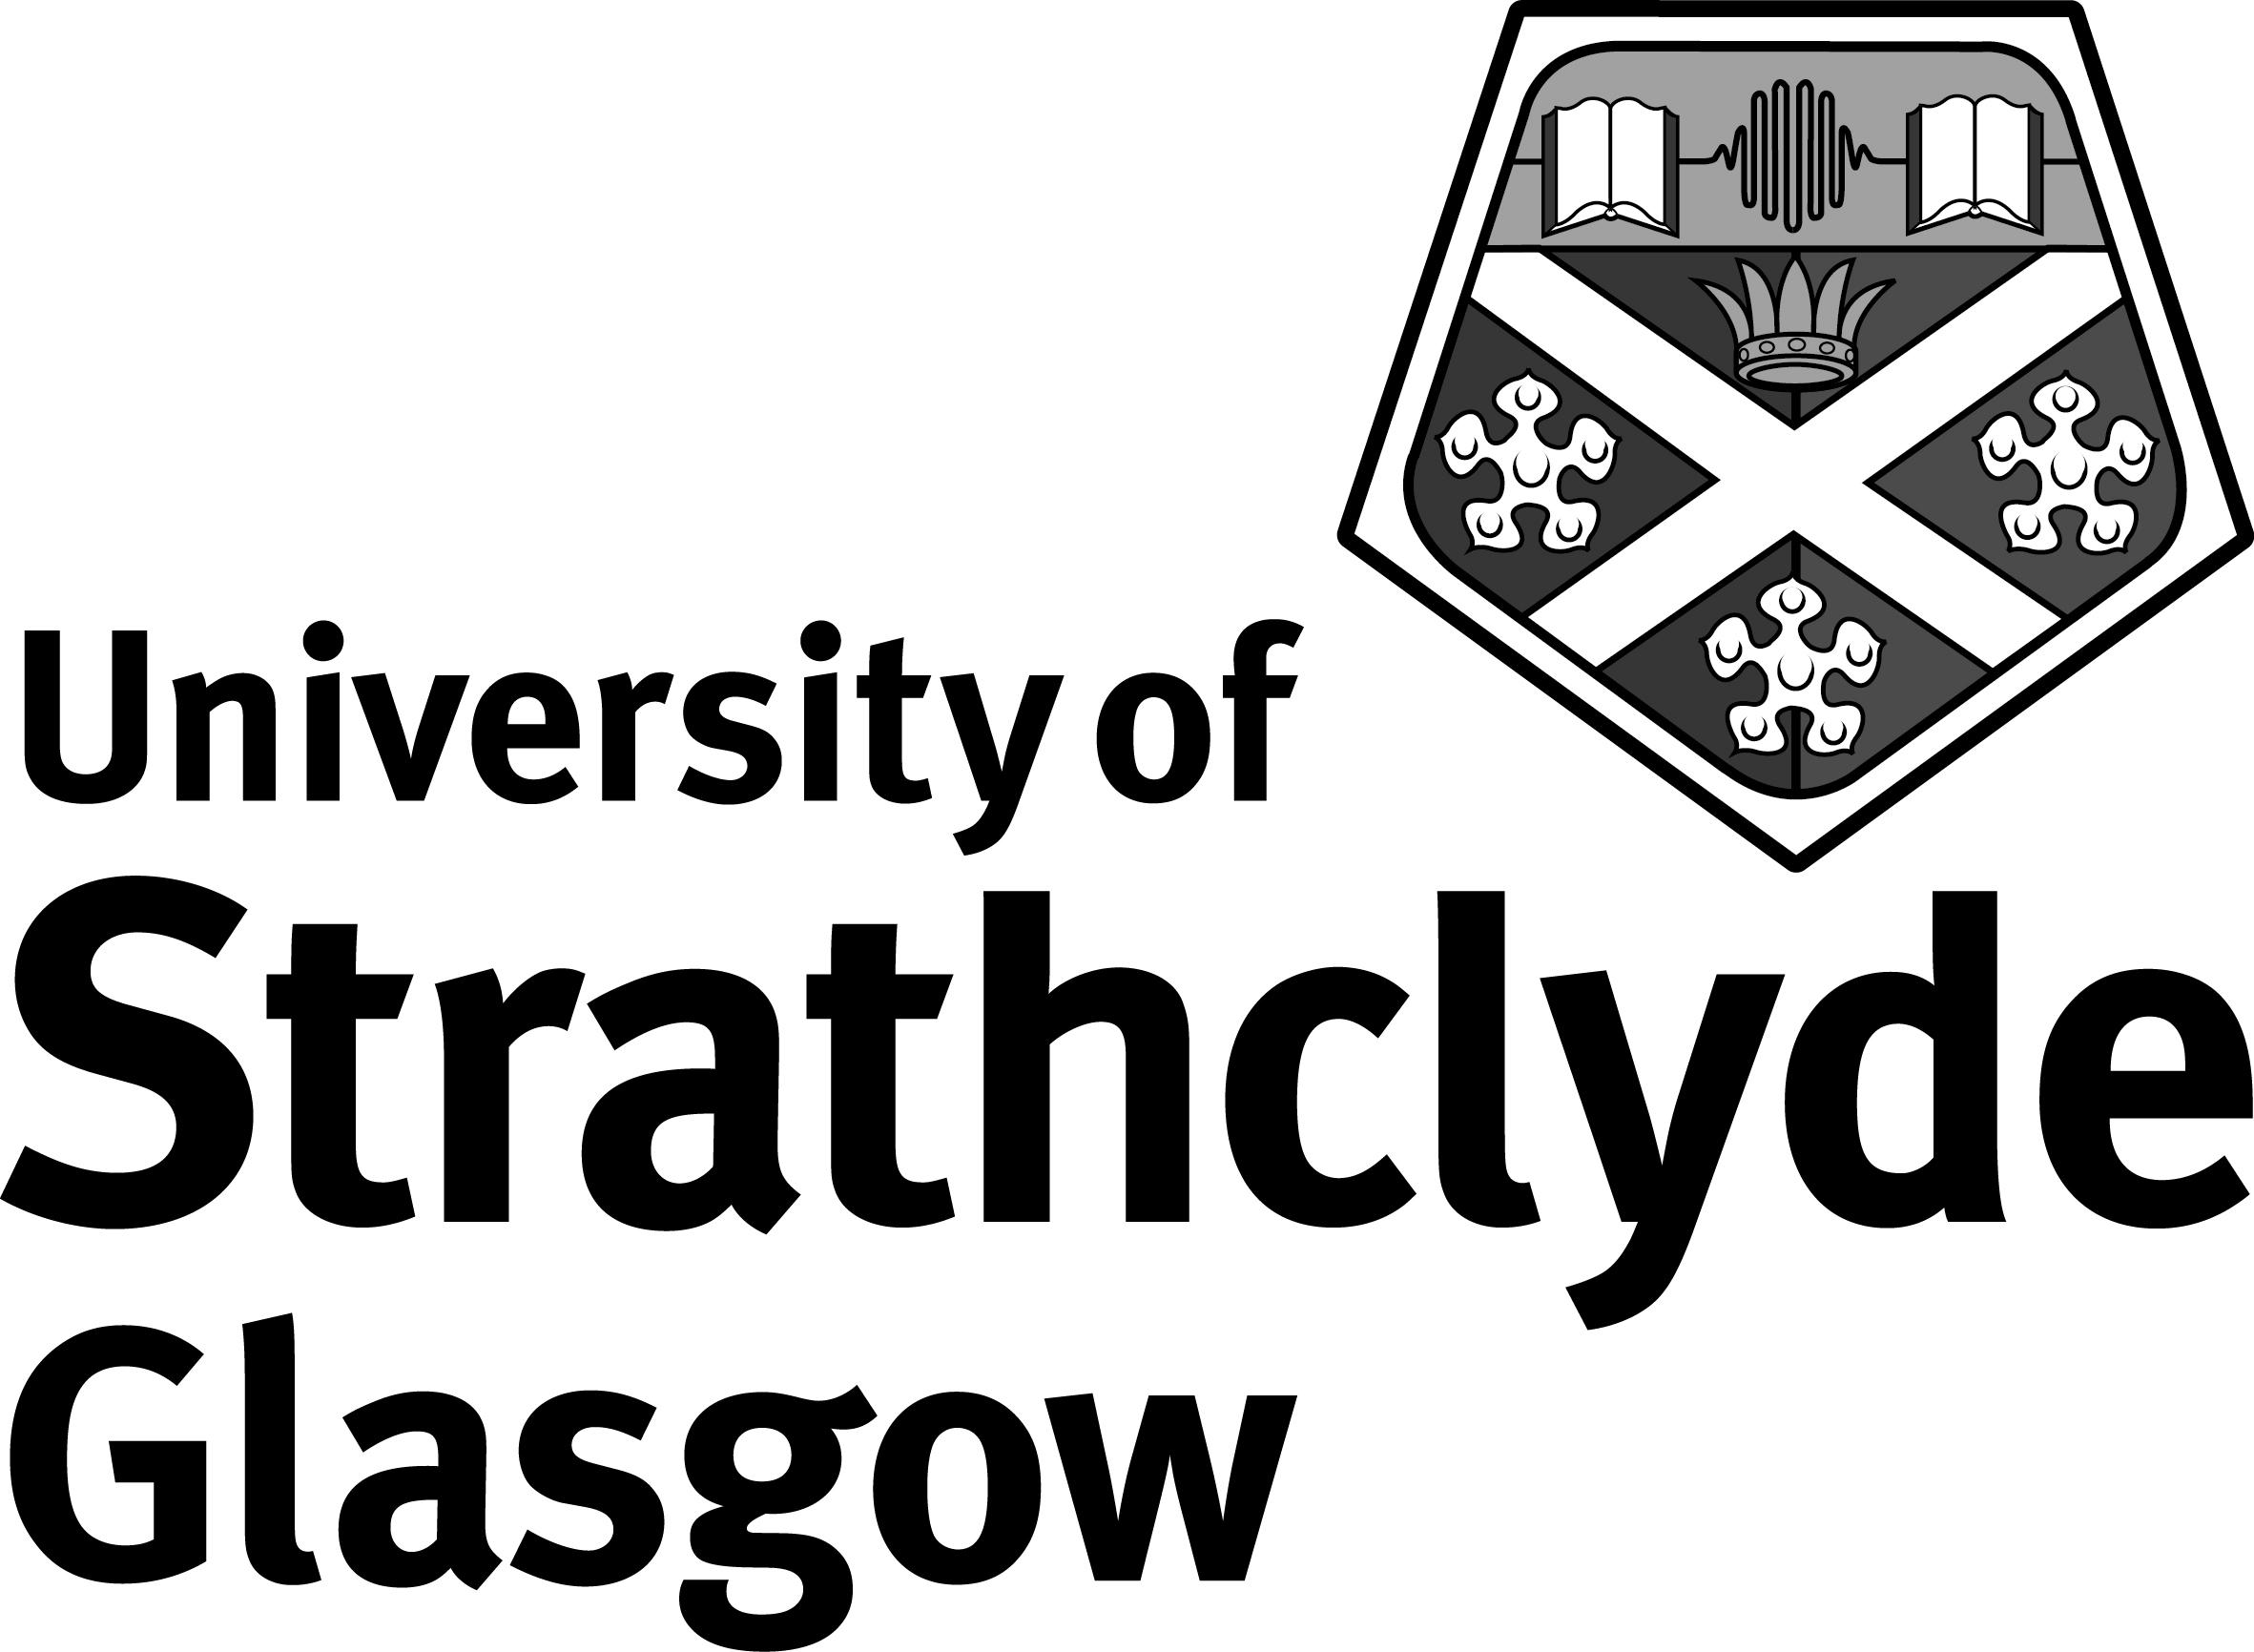 University_of_Strathclyde.jpg